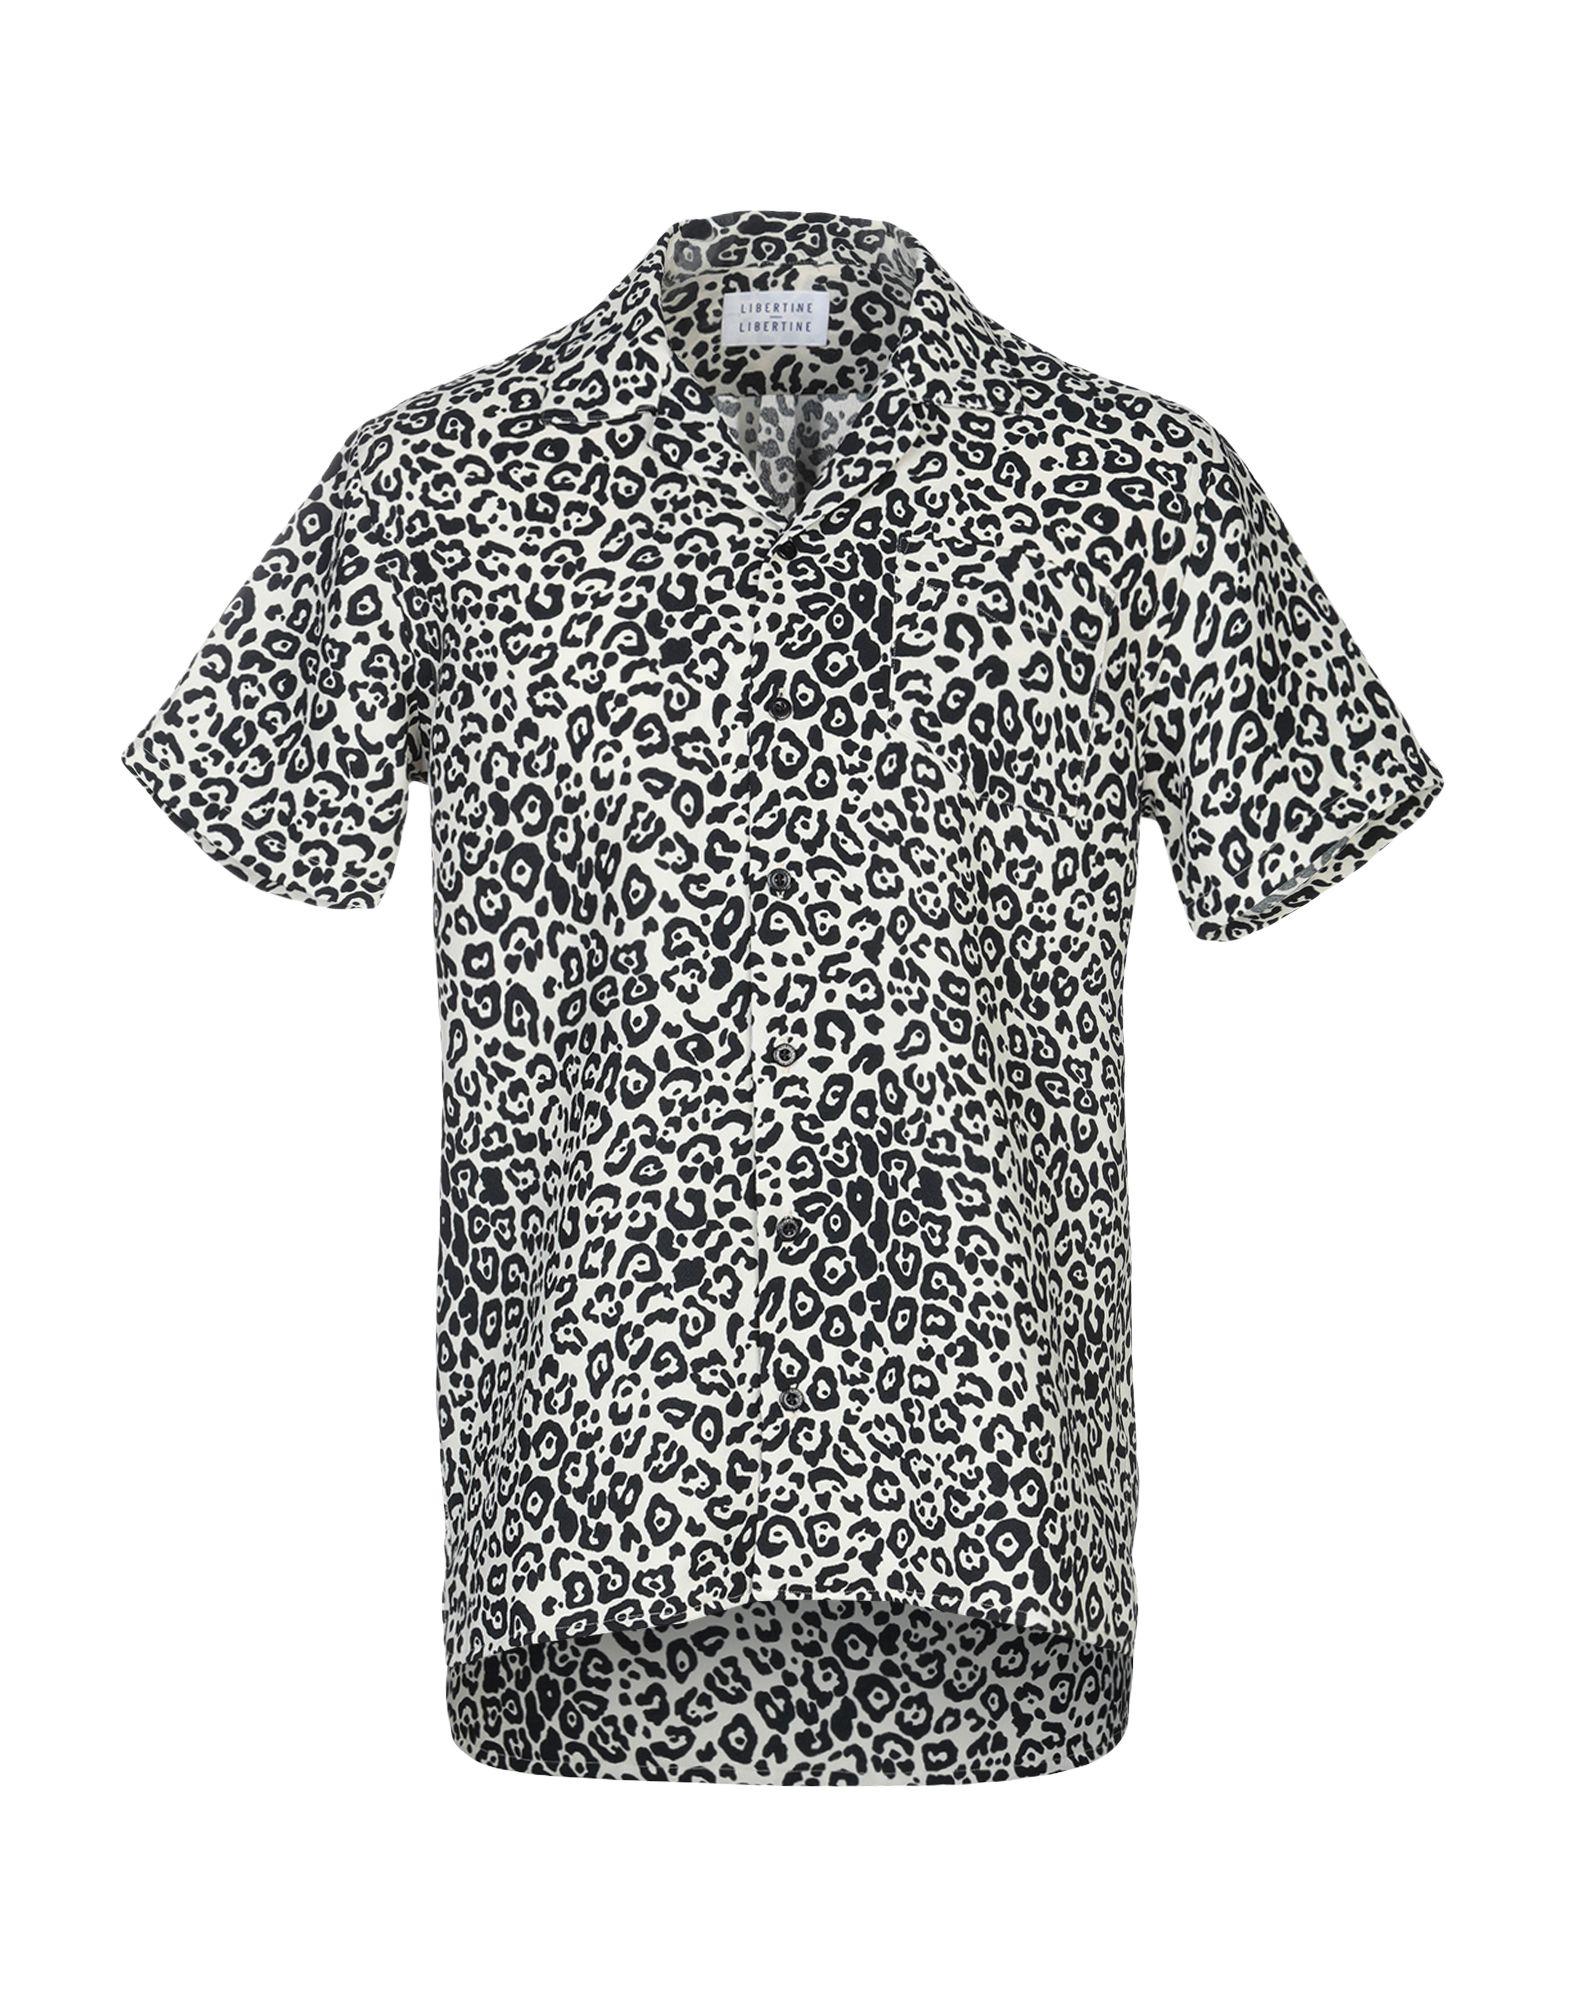 《セール開催中》LIBERTINE-LIBERTINE メンズ シャツ ベージュ S ポリエステル 100%